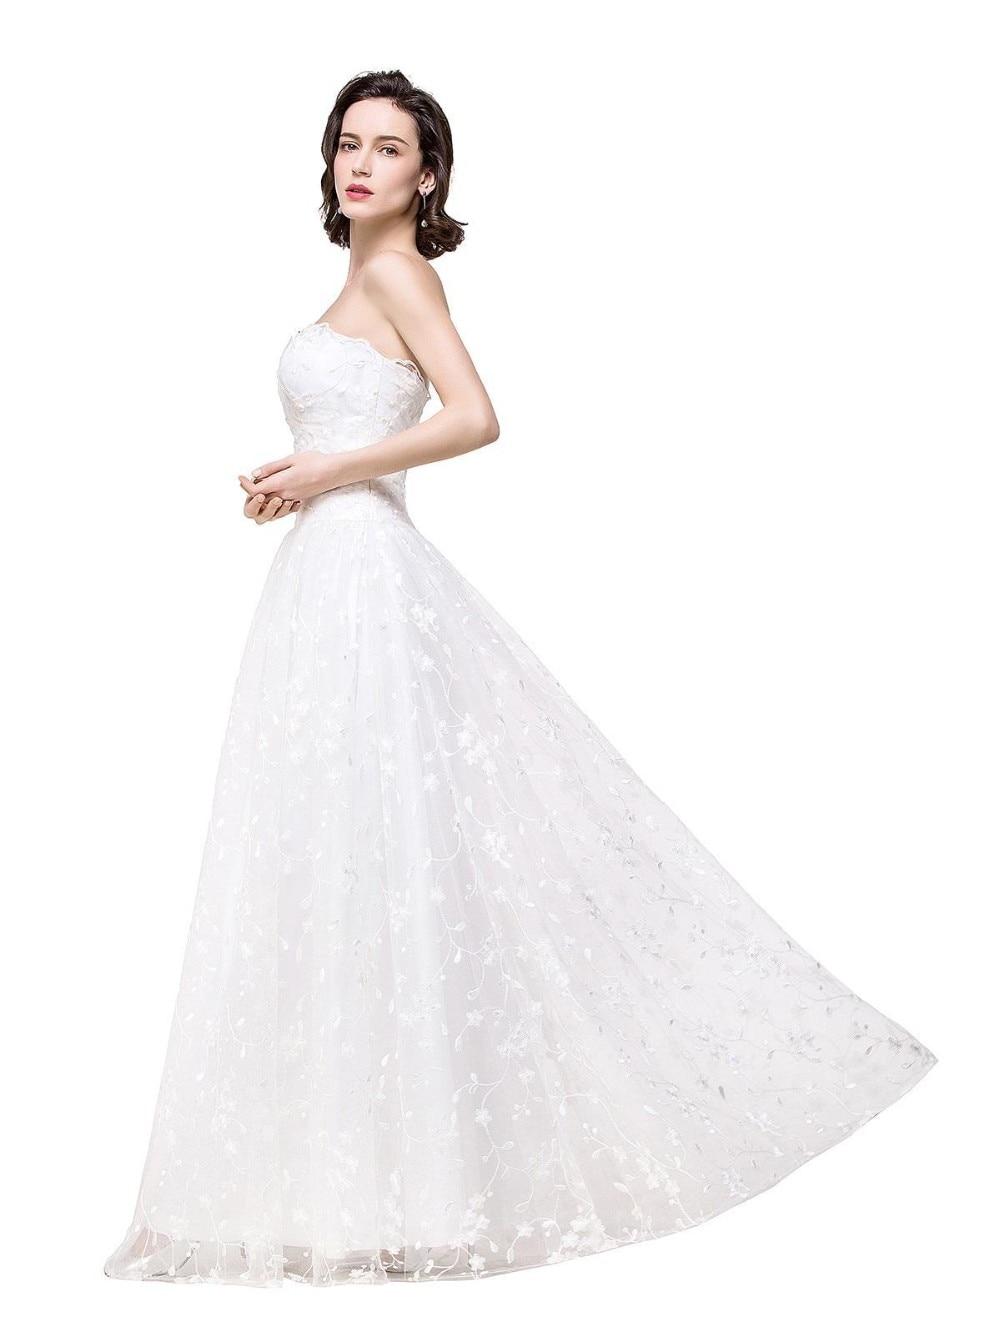 Fantastisch Einfache Tüll Brautkleid Galerie - Brautkleider Ideen ...